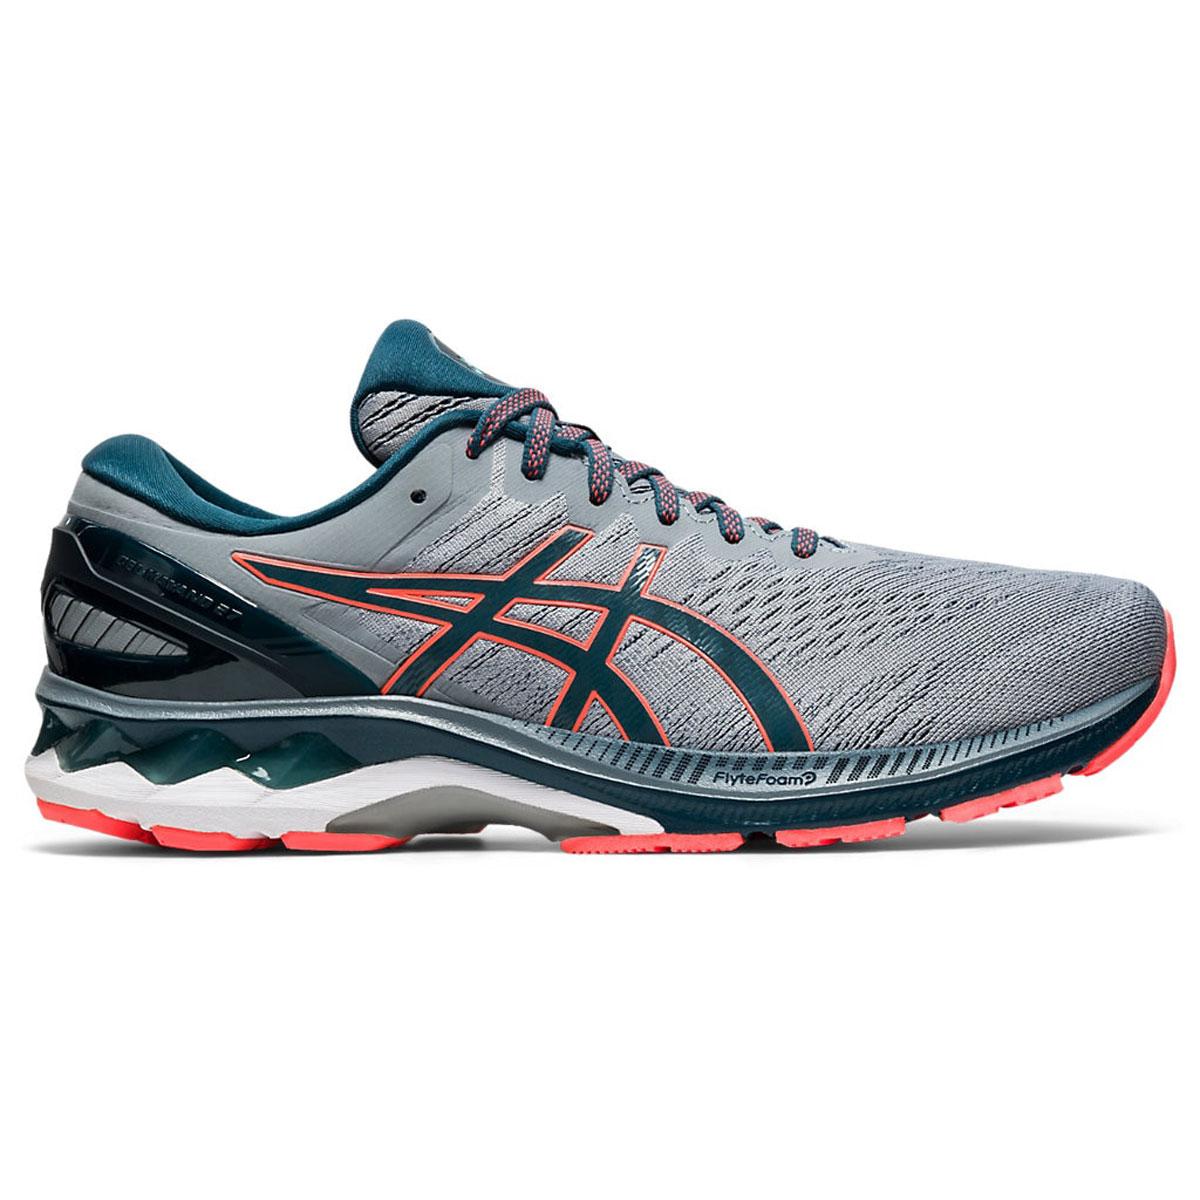 Men's Asics GEL-Kayano 27 Running Shoe (sizes 12, 12.5) $50